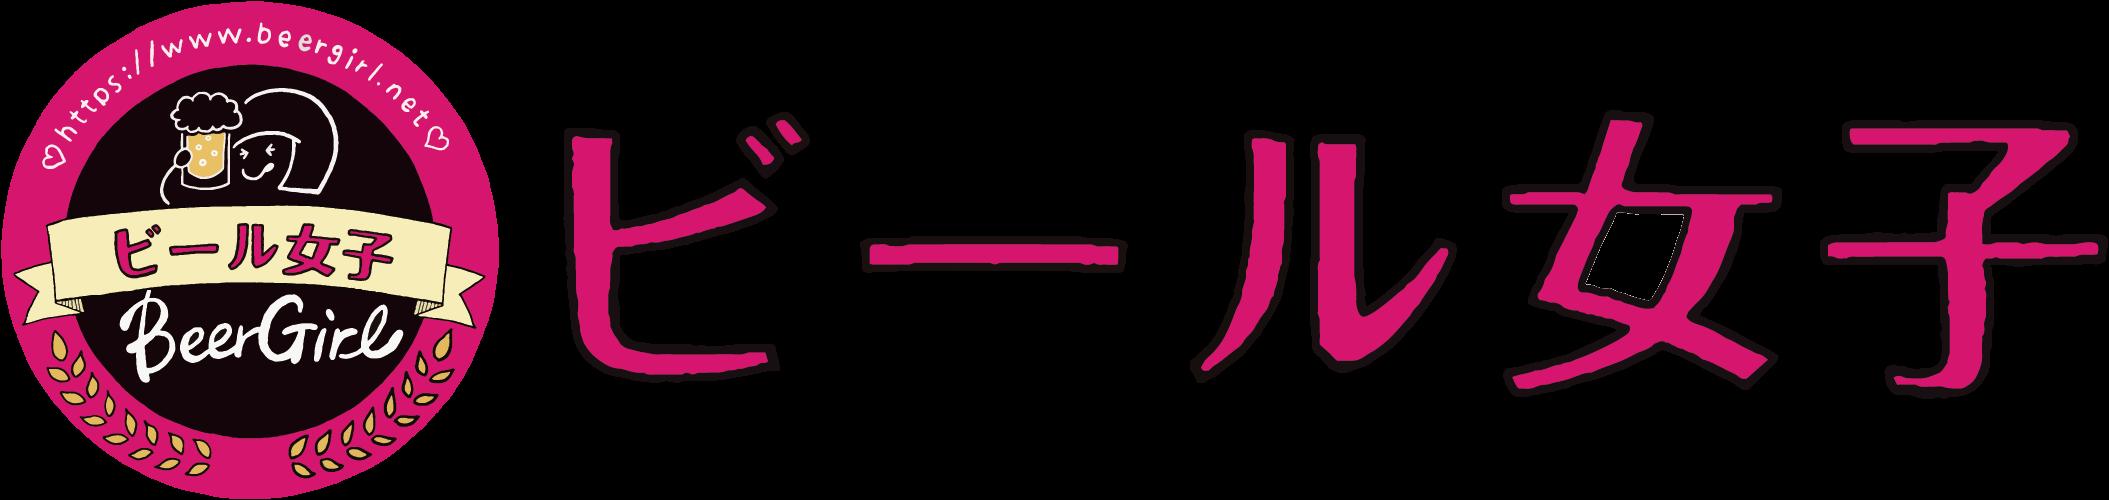 ビール女子イベントレポート「YOKOHAMA BEER CRAFT FUSION」